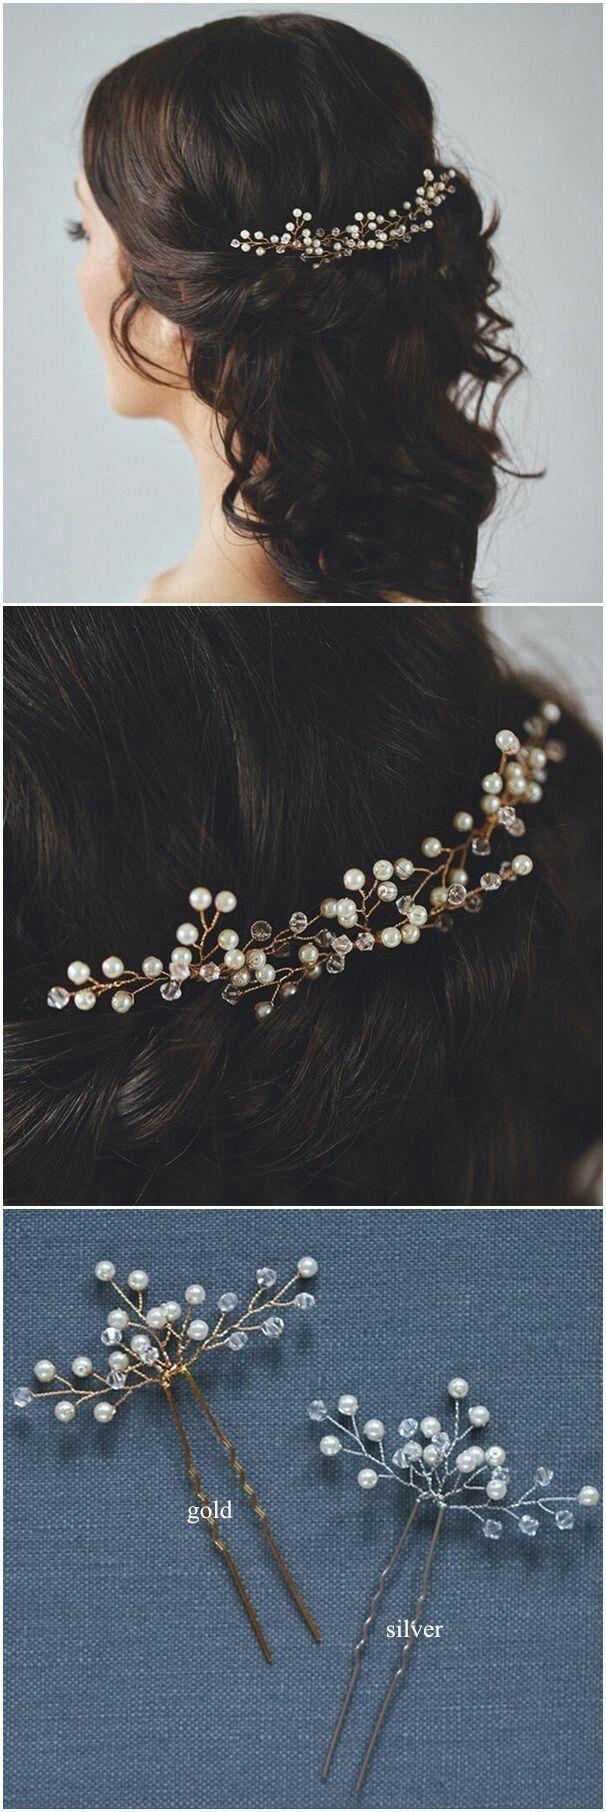 accessoires cheveux coiffure mariage chignon mariée bohème romantique retro, BIJOUX MARIAGE (164)